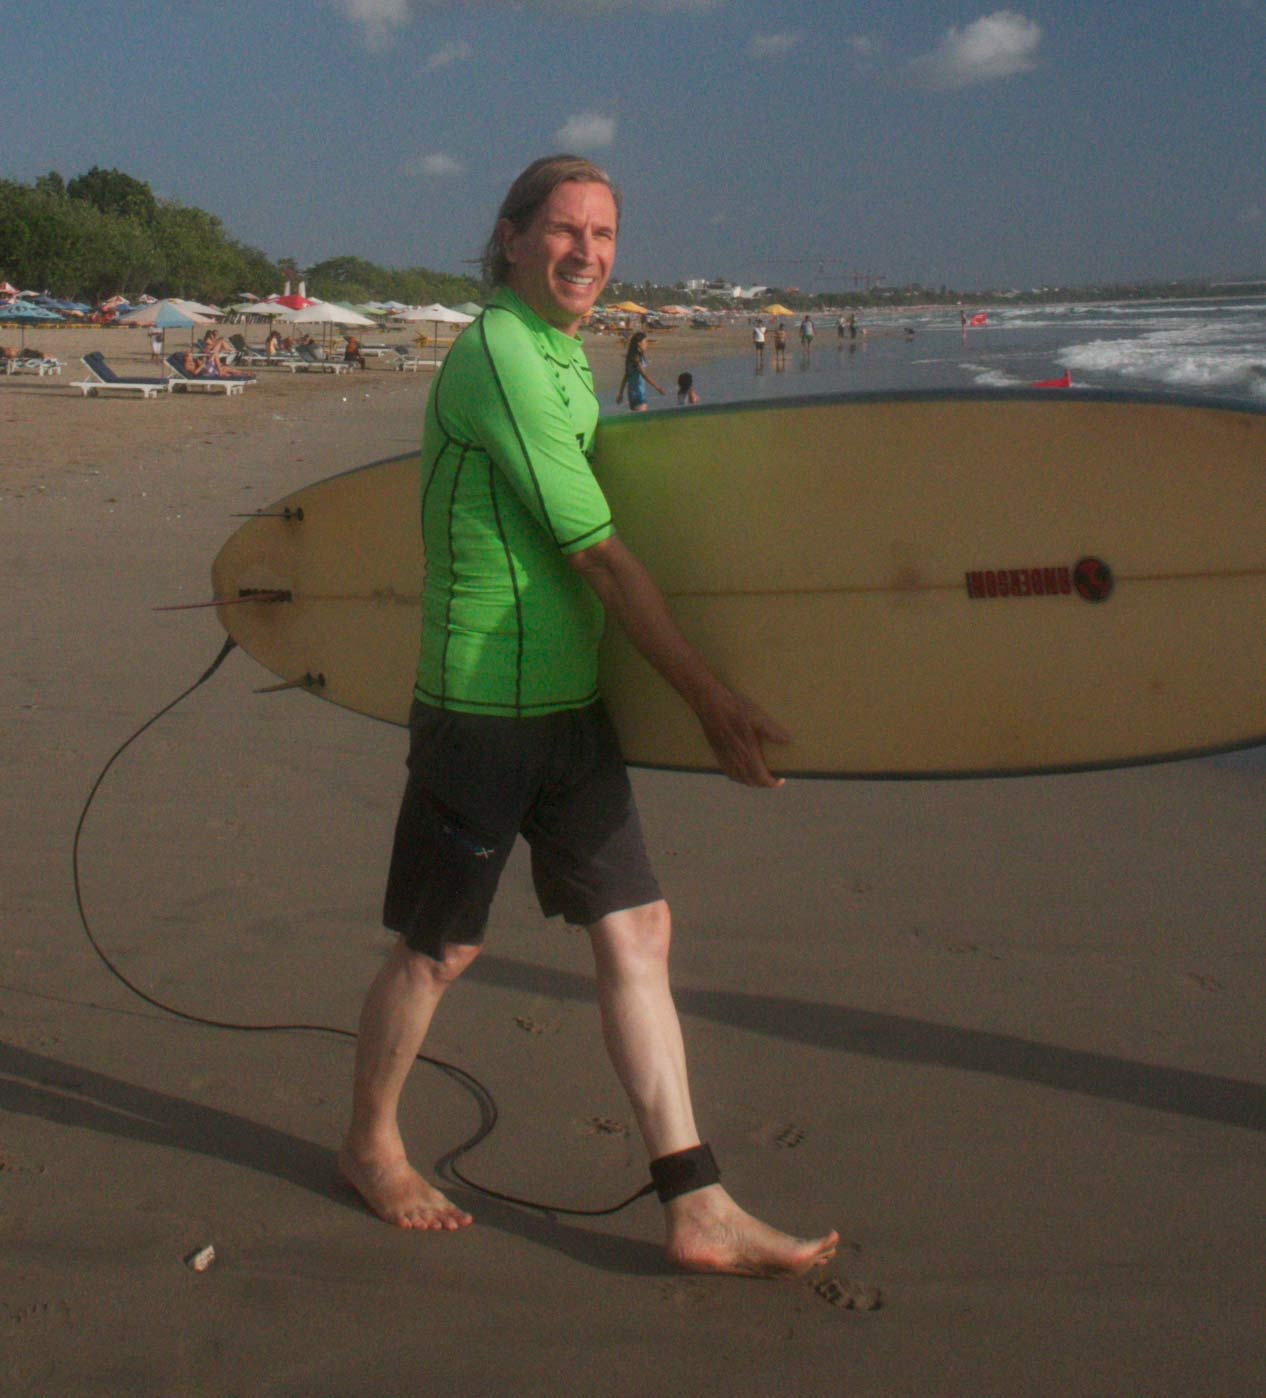 Seminyak-Bali_Surfing.jpg